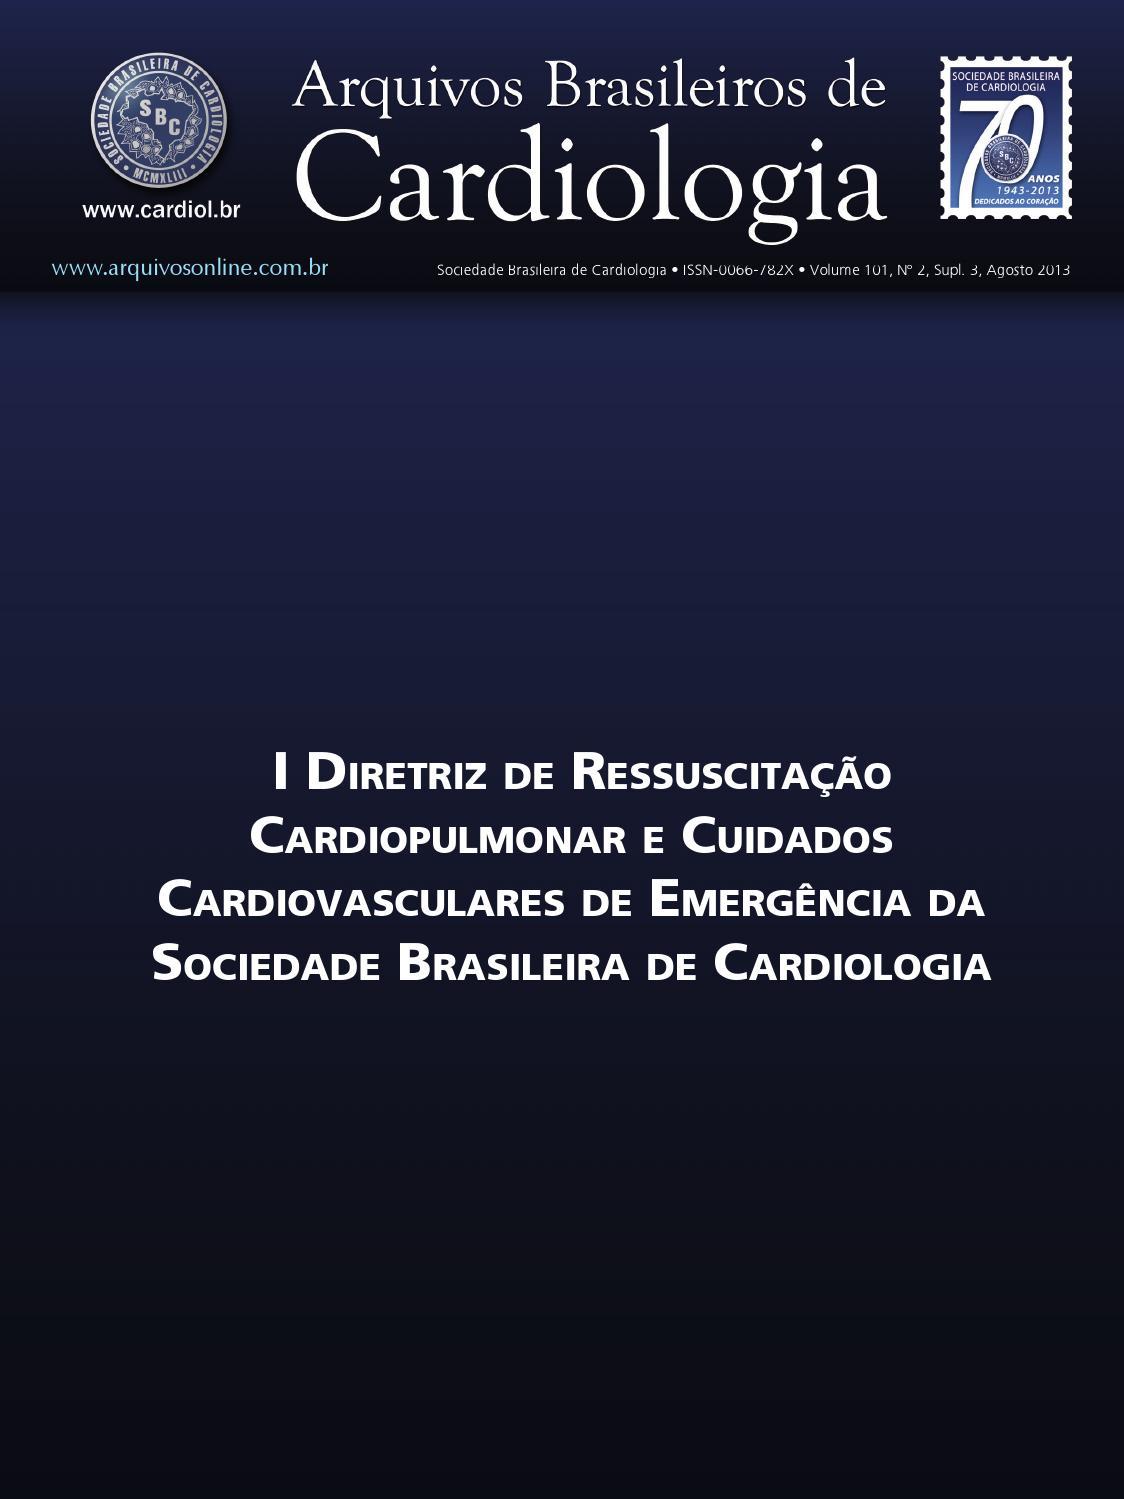 Diretriz emergencia cardiovascular by elizabete betinha - issuu c11ede8816